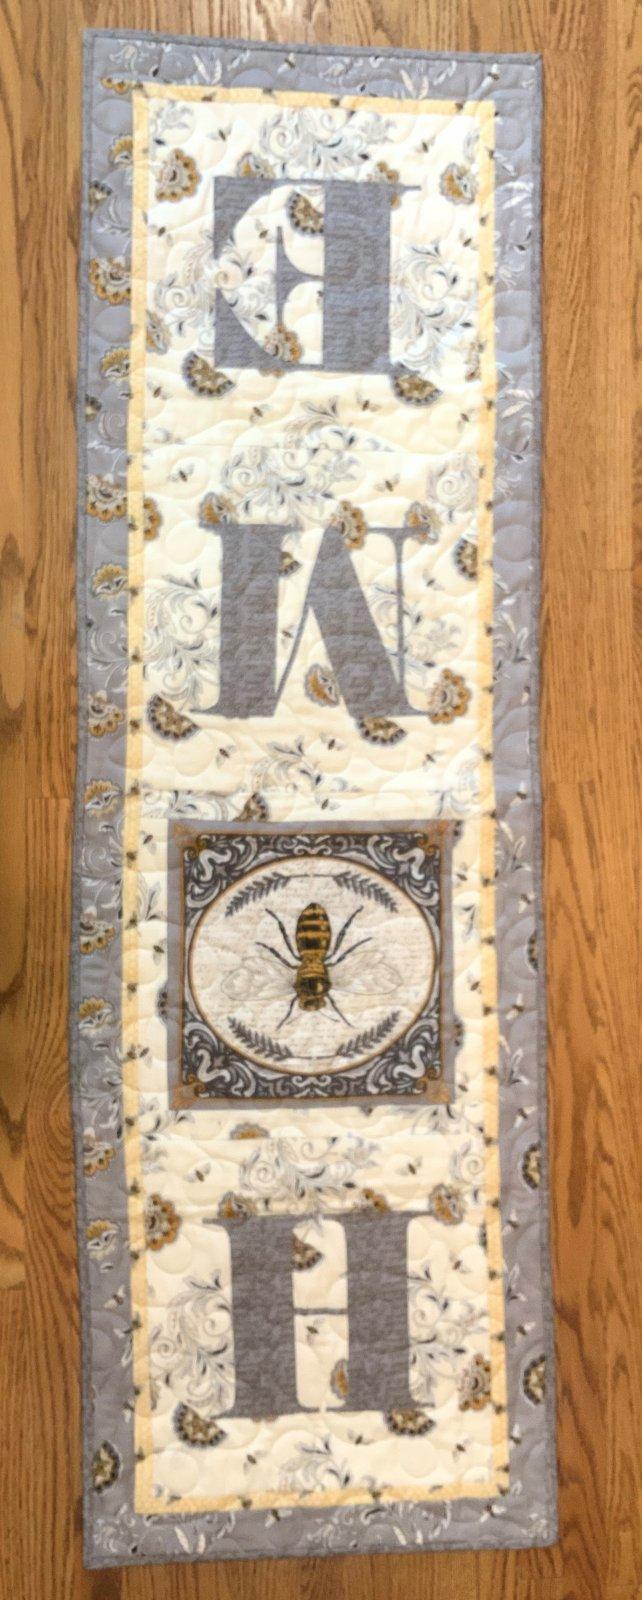 Home Joyful Banner Finishing Kit